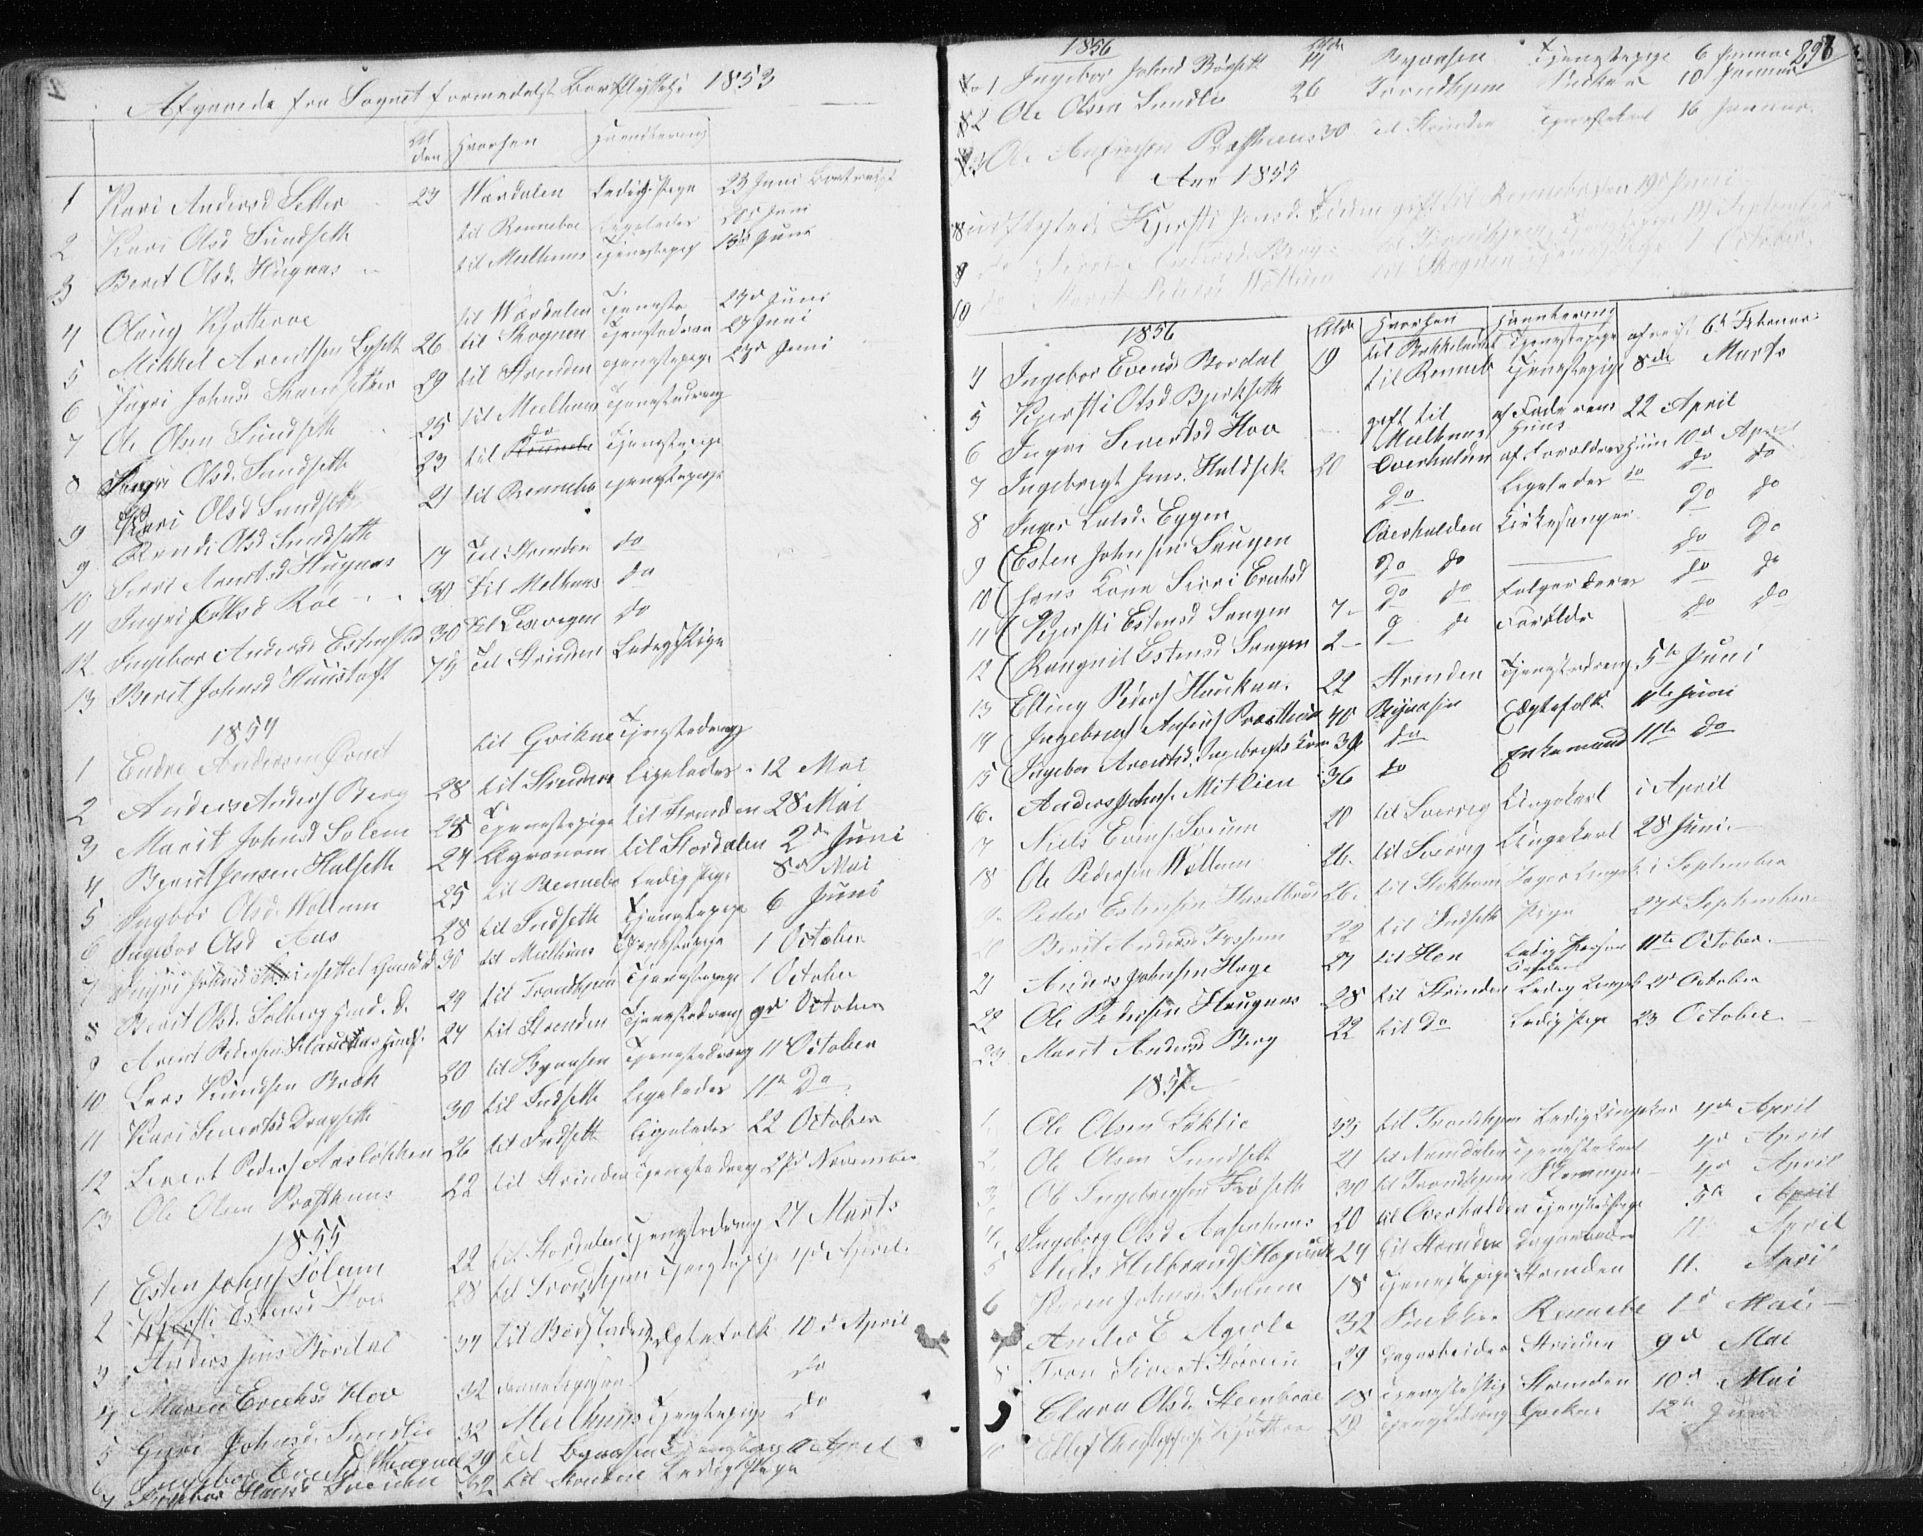 SAT, Ministerialprotokoller, klokkerbøker og fødselsregistre - Sør-Trøndelag, 689/L1043: Klokkerbok nr. 689C02, 1816-1892, s. 294